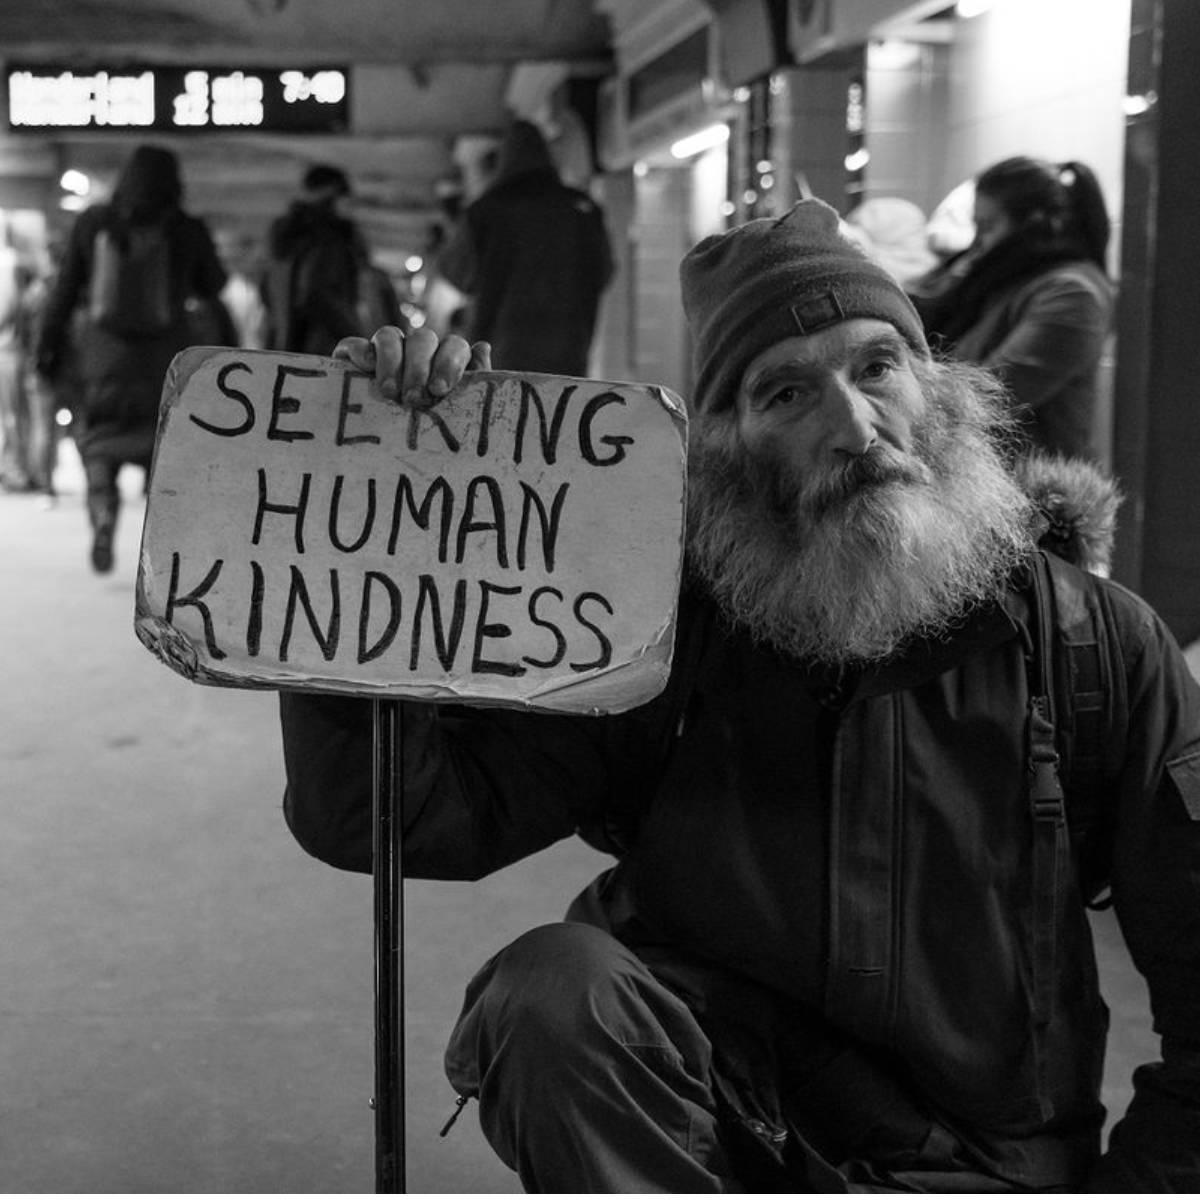 Seeking kindness (1)